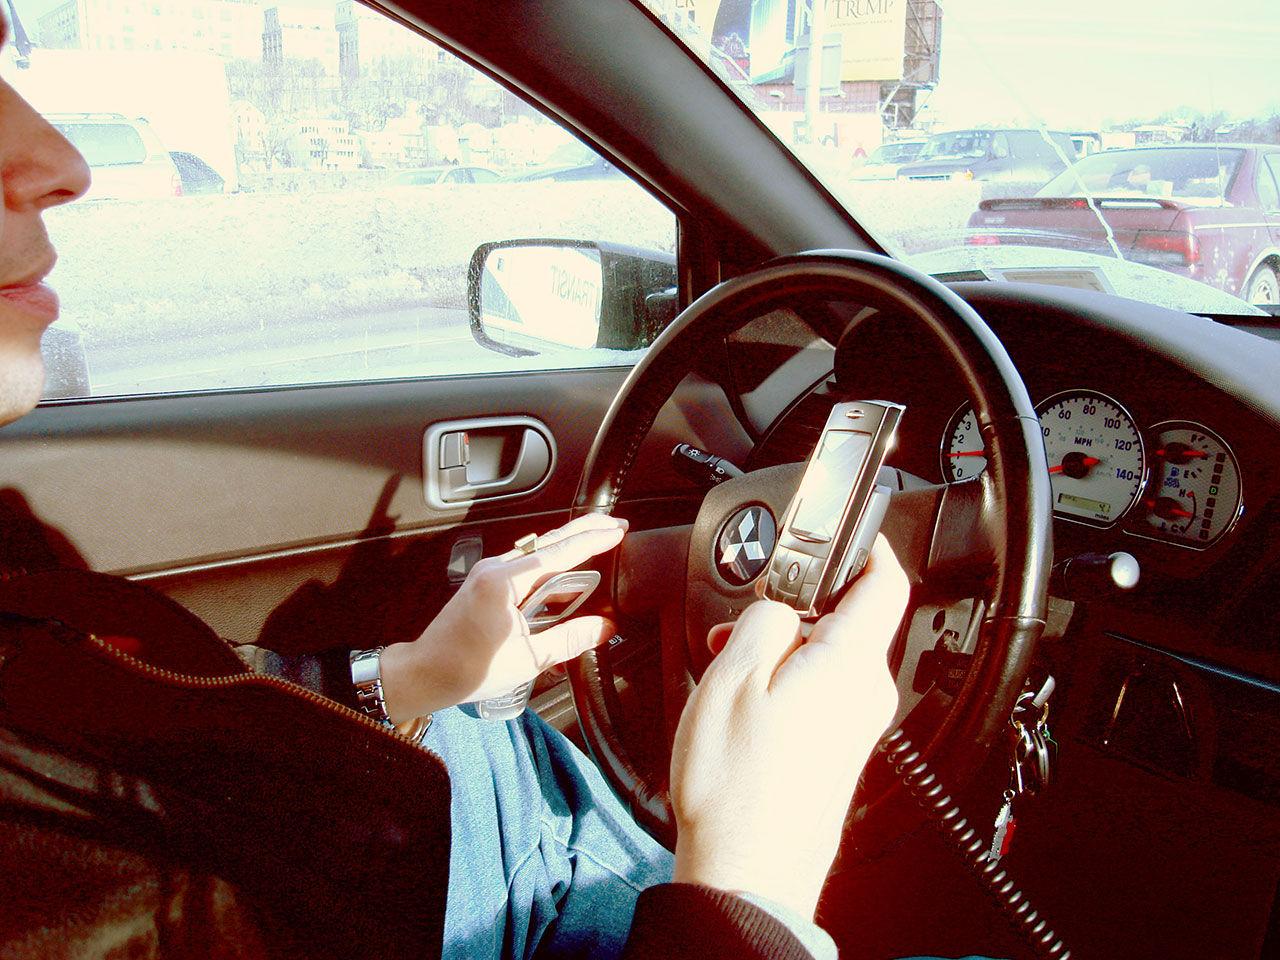 Hålla mobiltelefon i handen under körning förbjuds